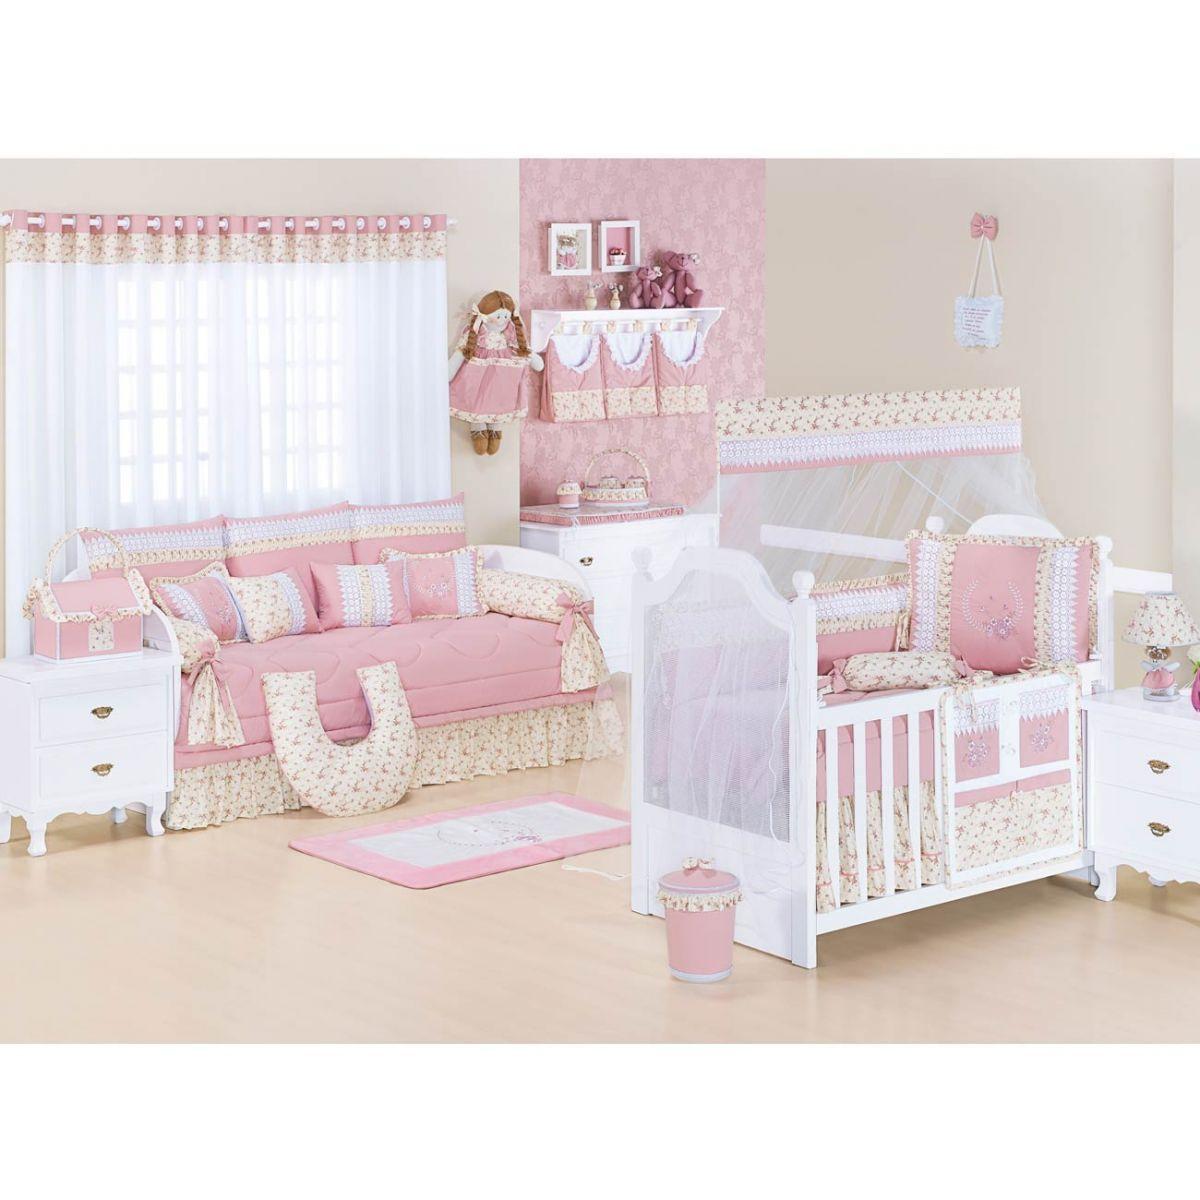 Apoio para Amamentar Bebê - Coleção Kate